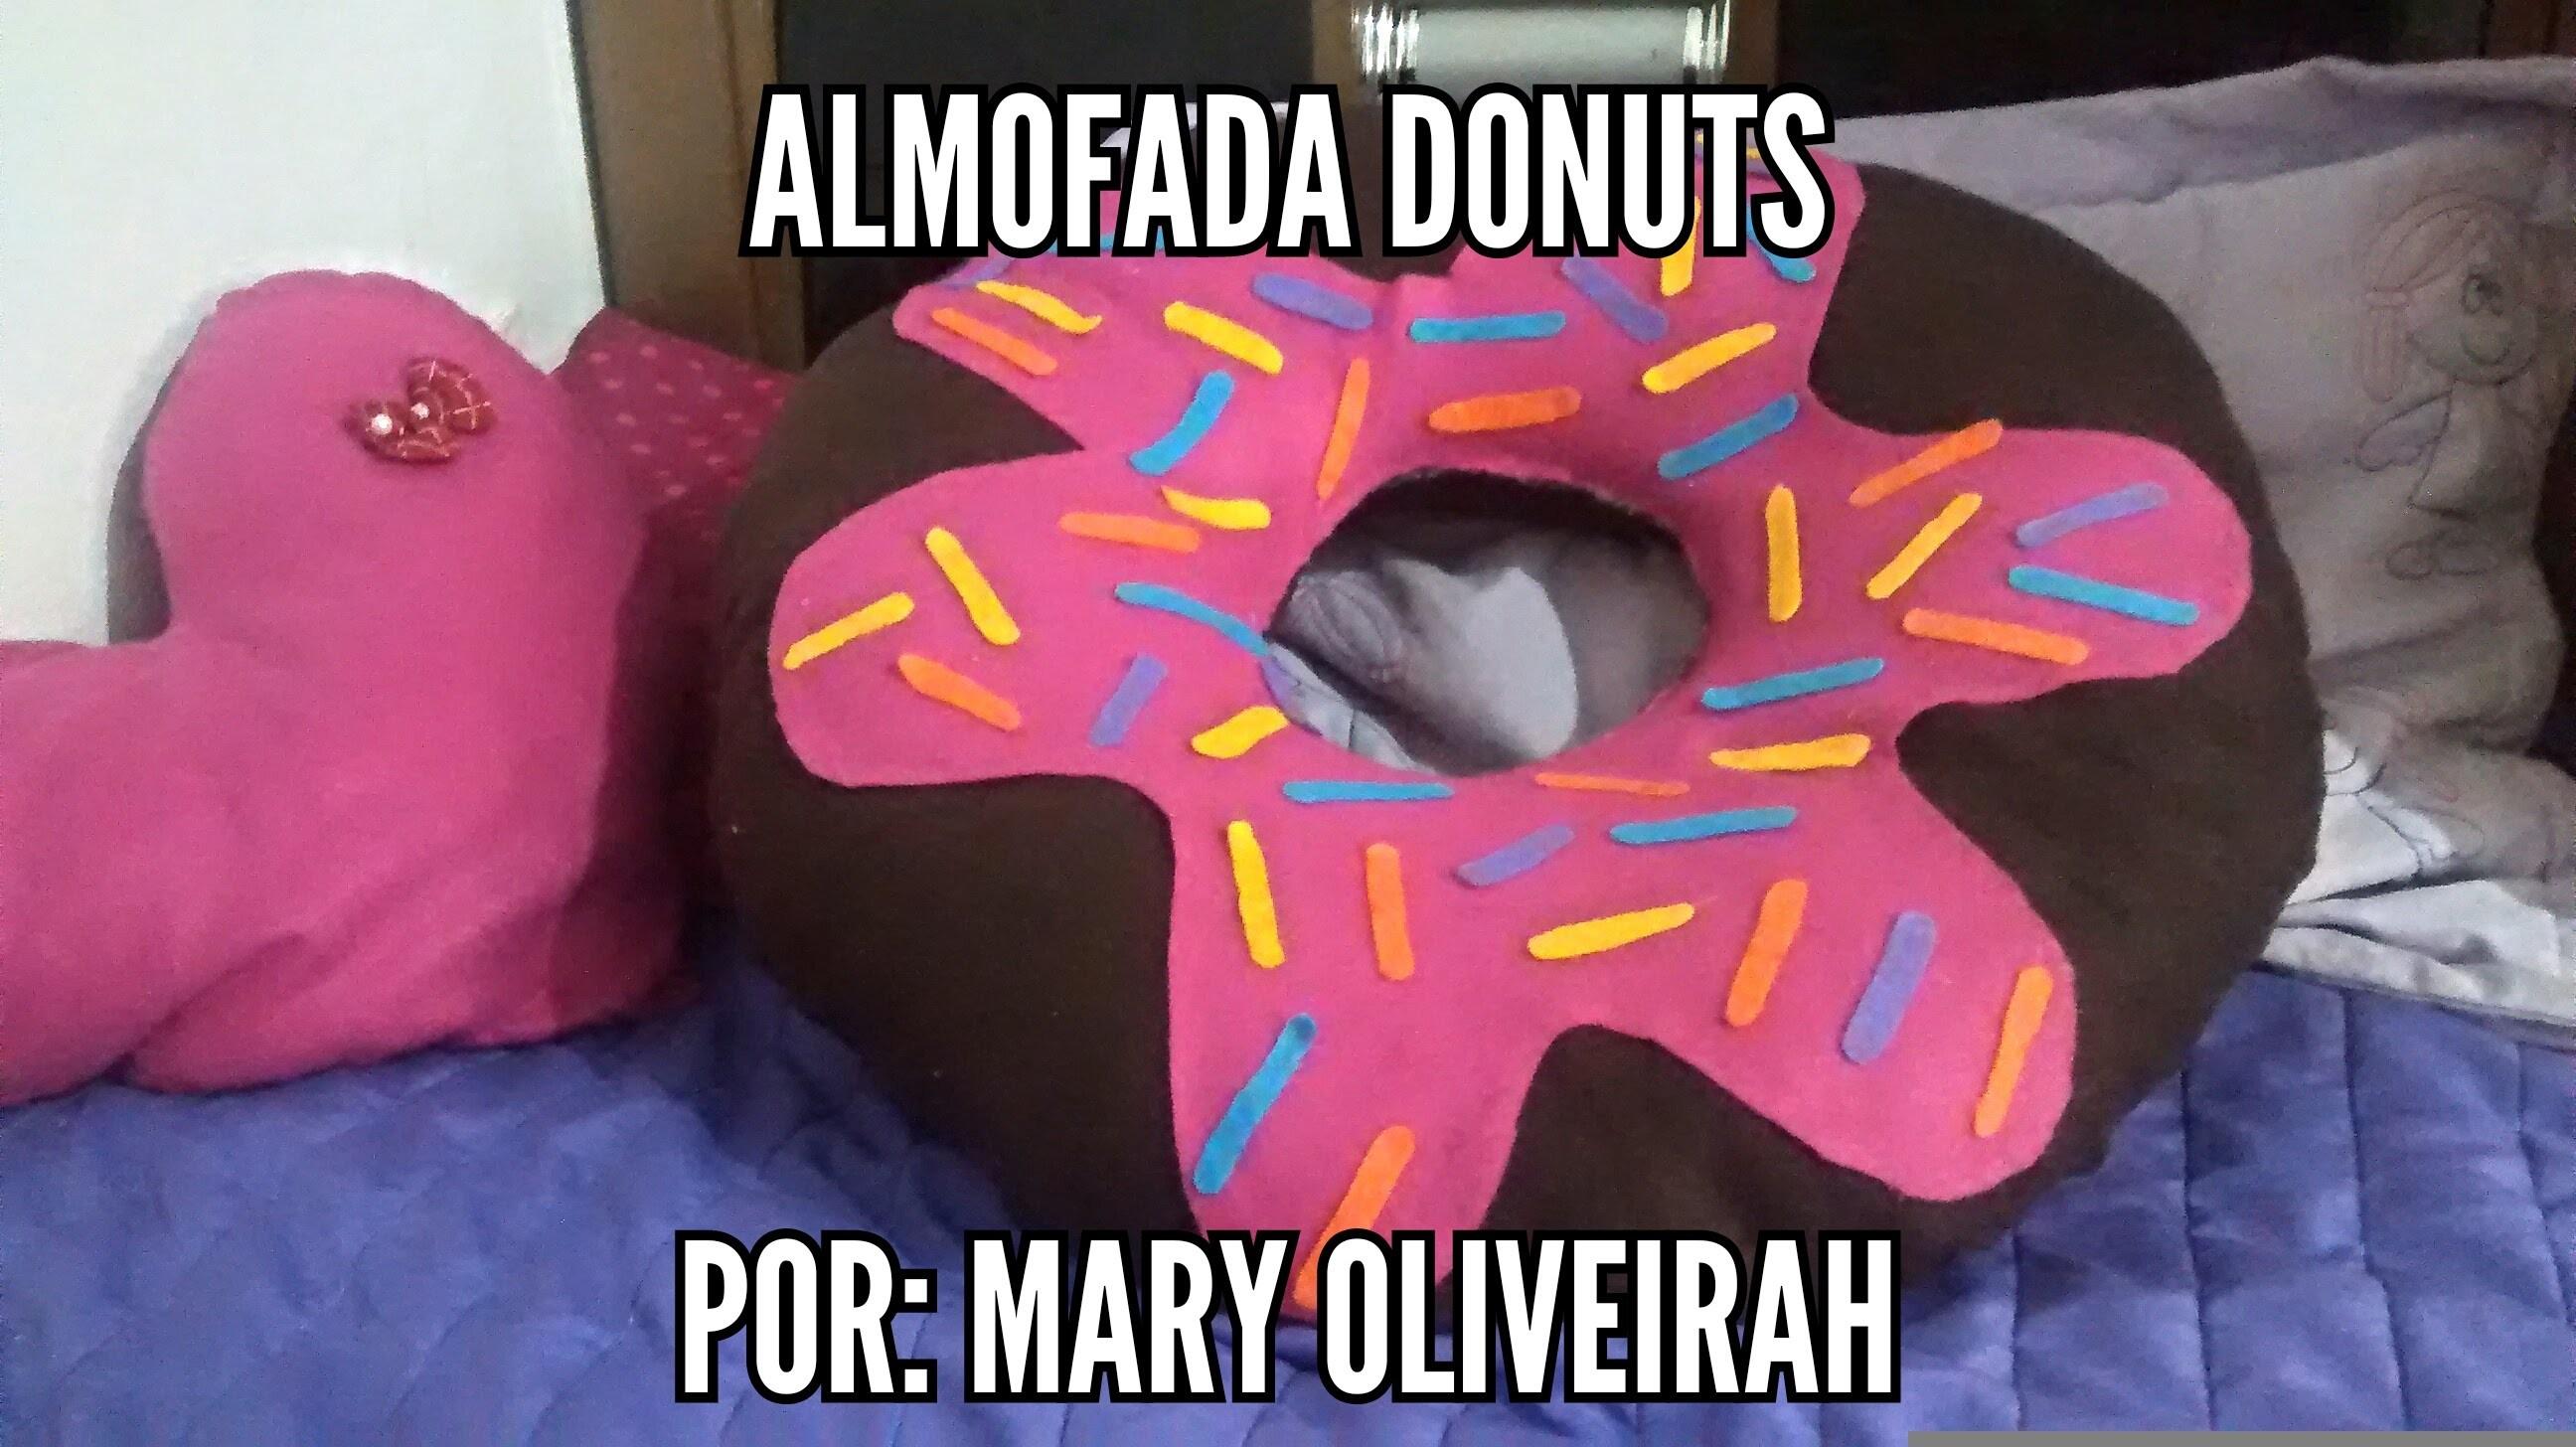 Diy: Almofada de Donuts faça você mesma por Mary oliveirah